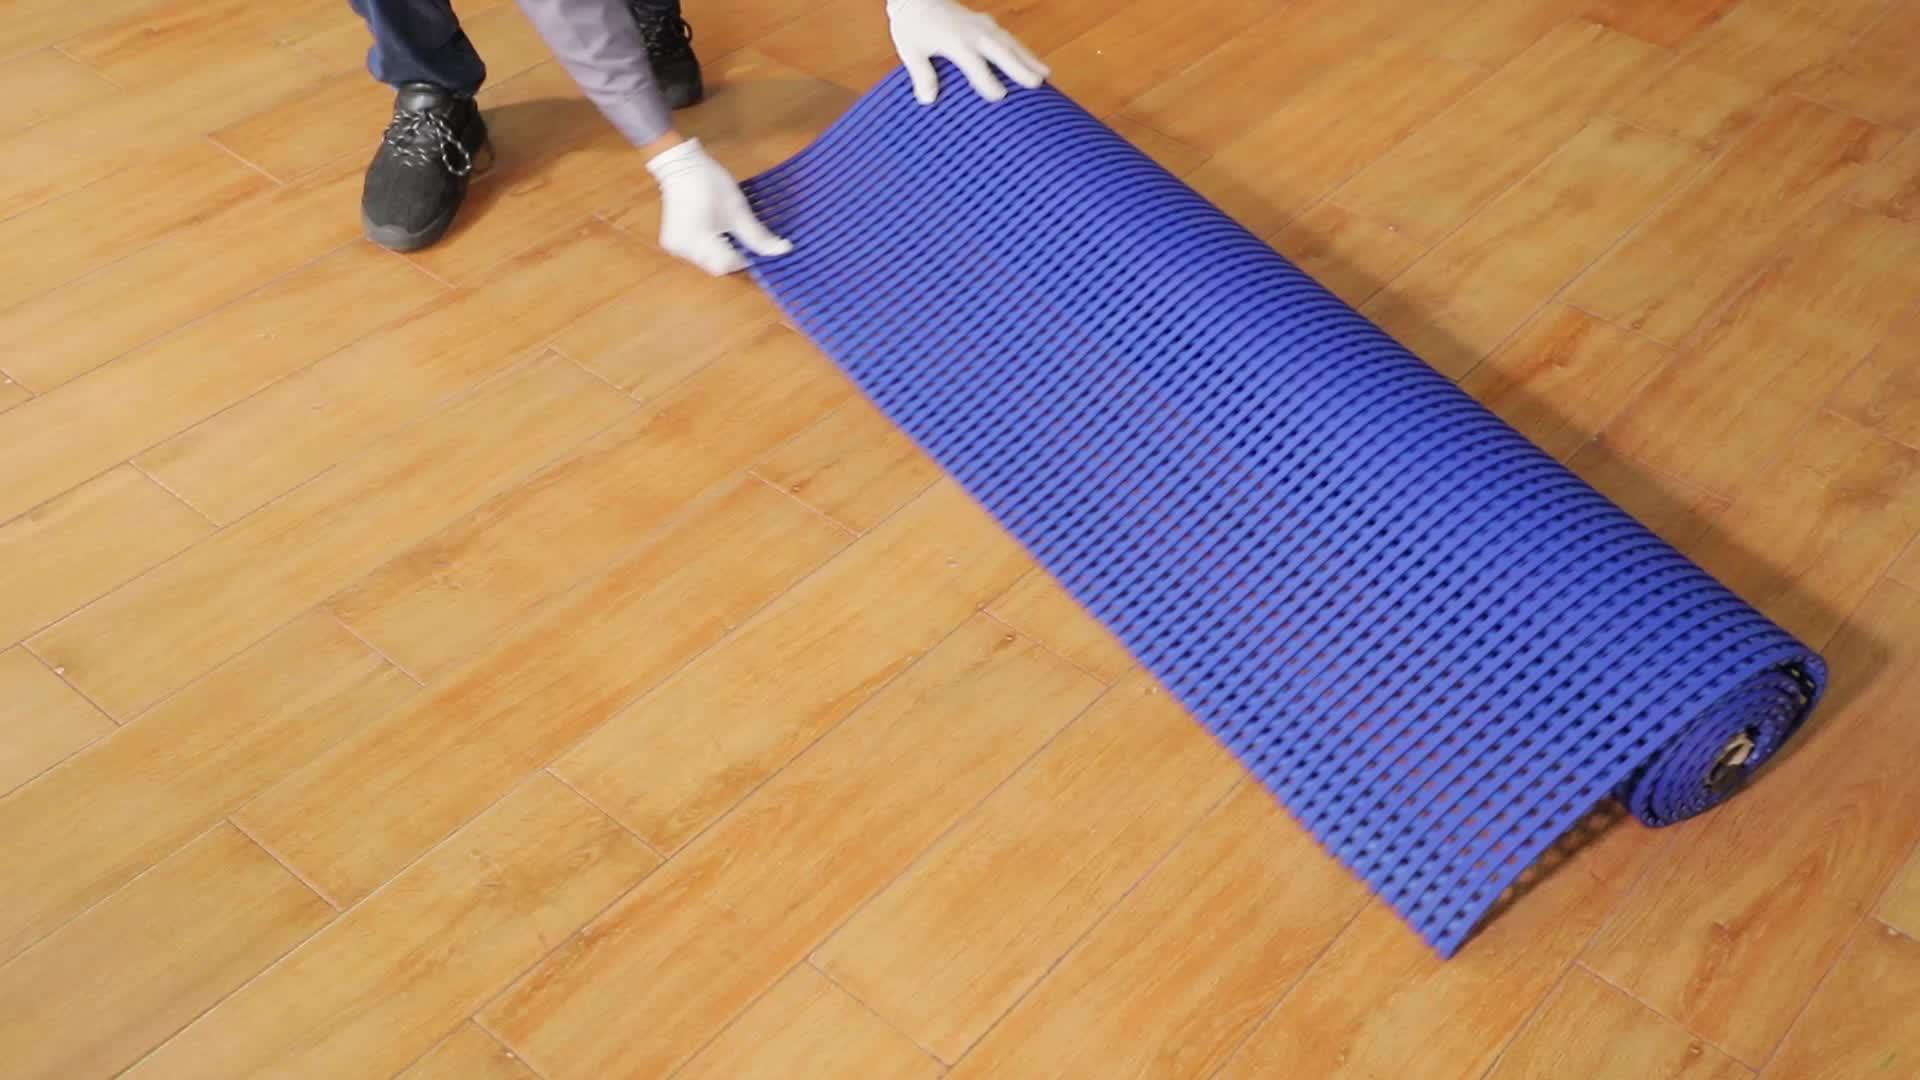 Foshan fabriek chemische slip plastic floor non slip mesh mat voor badkamer